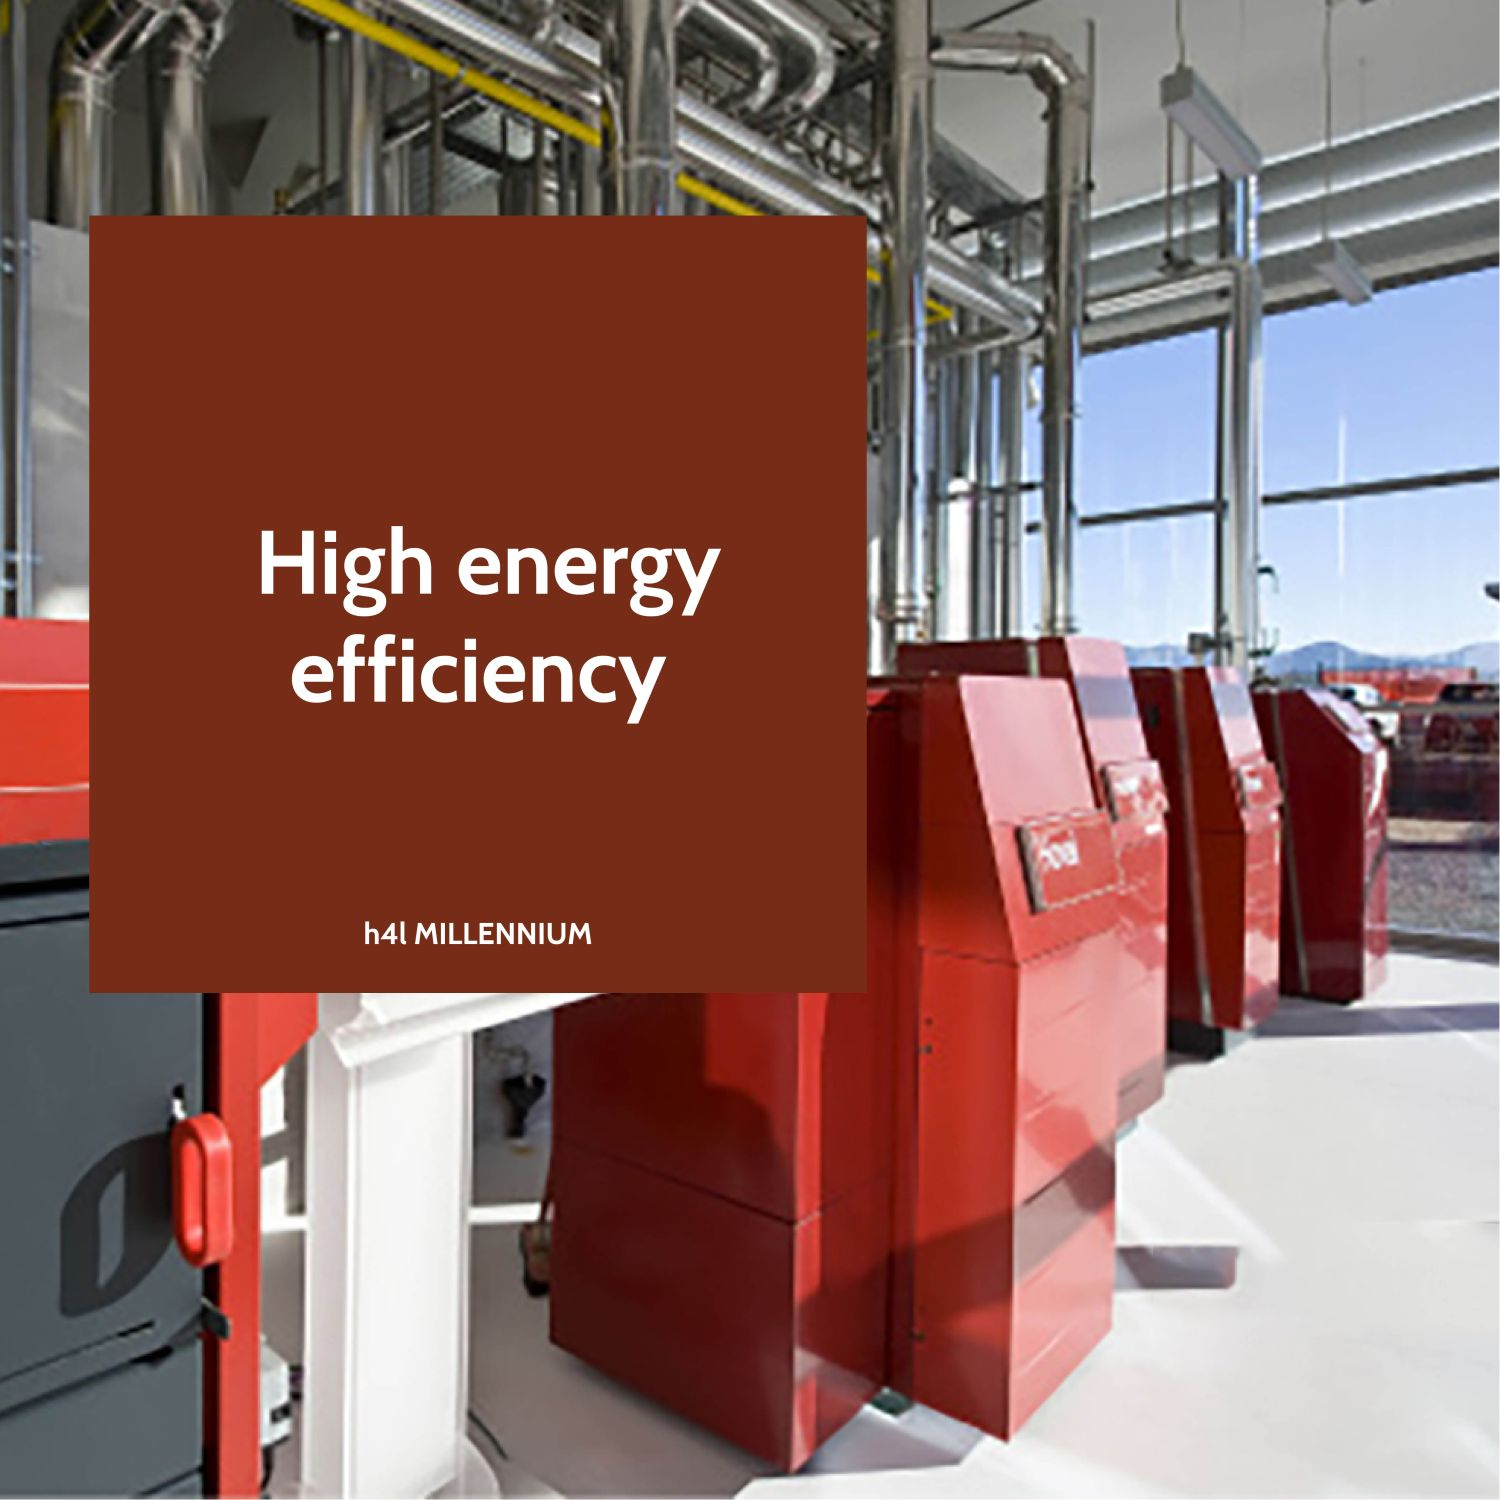 Eficiență energetică mare